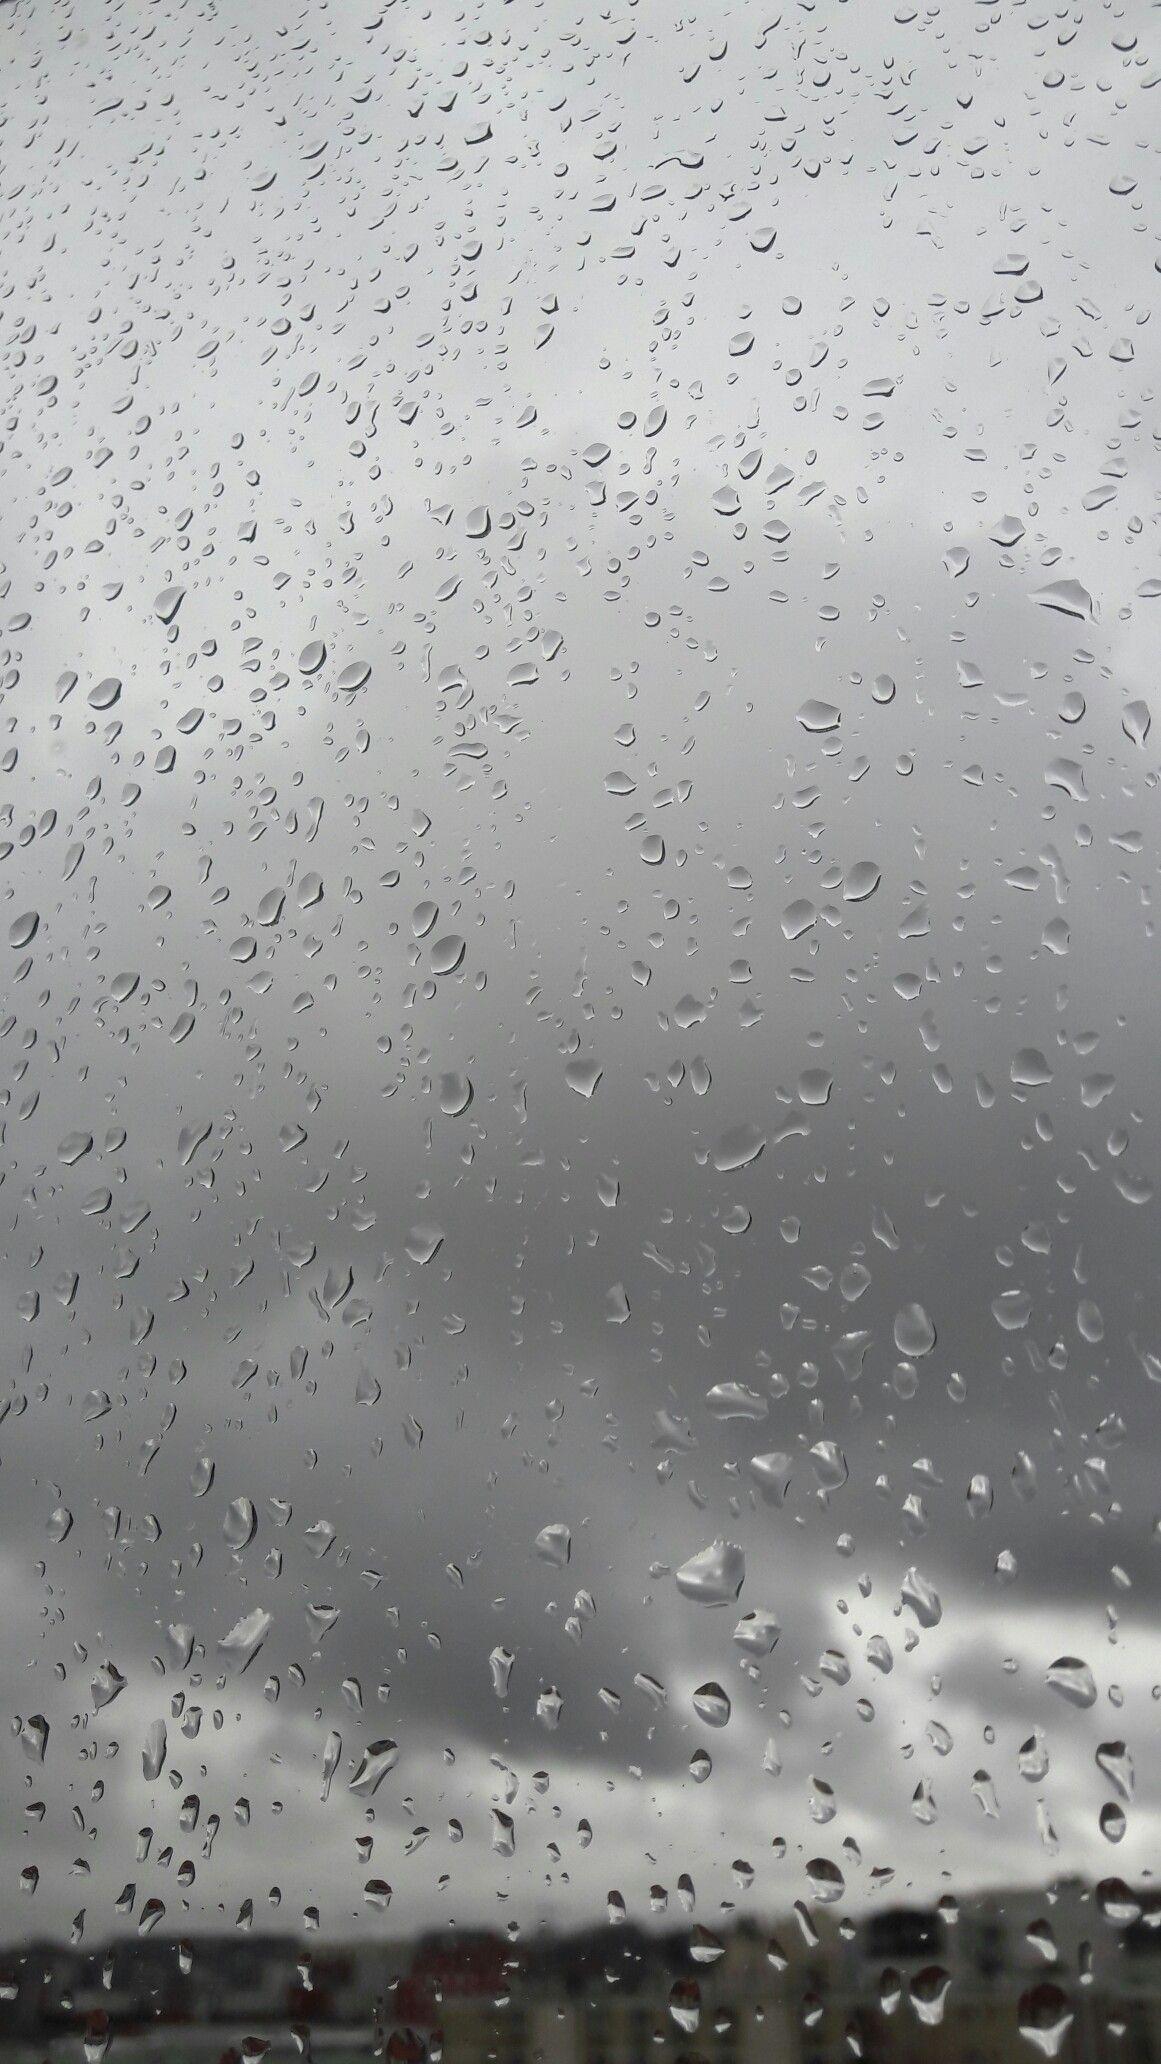 Wallpaper of rainwater drops on window & glass. #wallpaper.